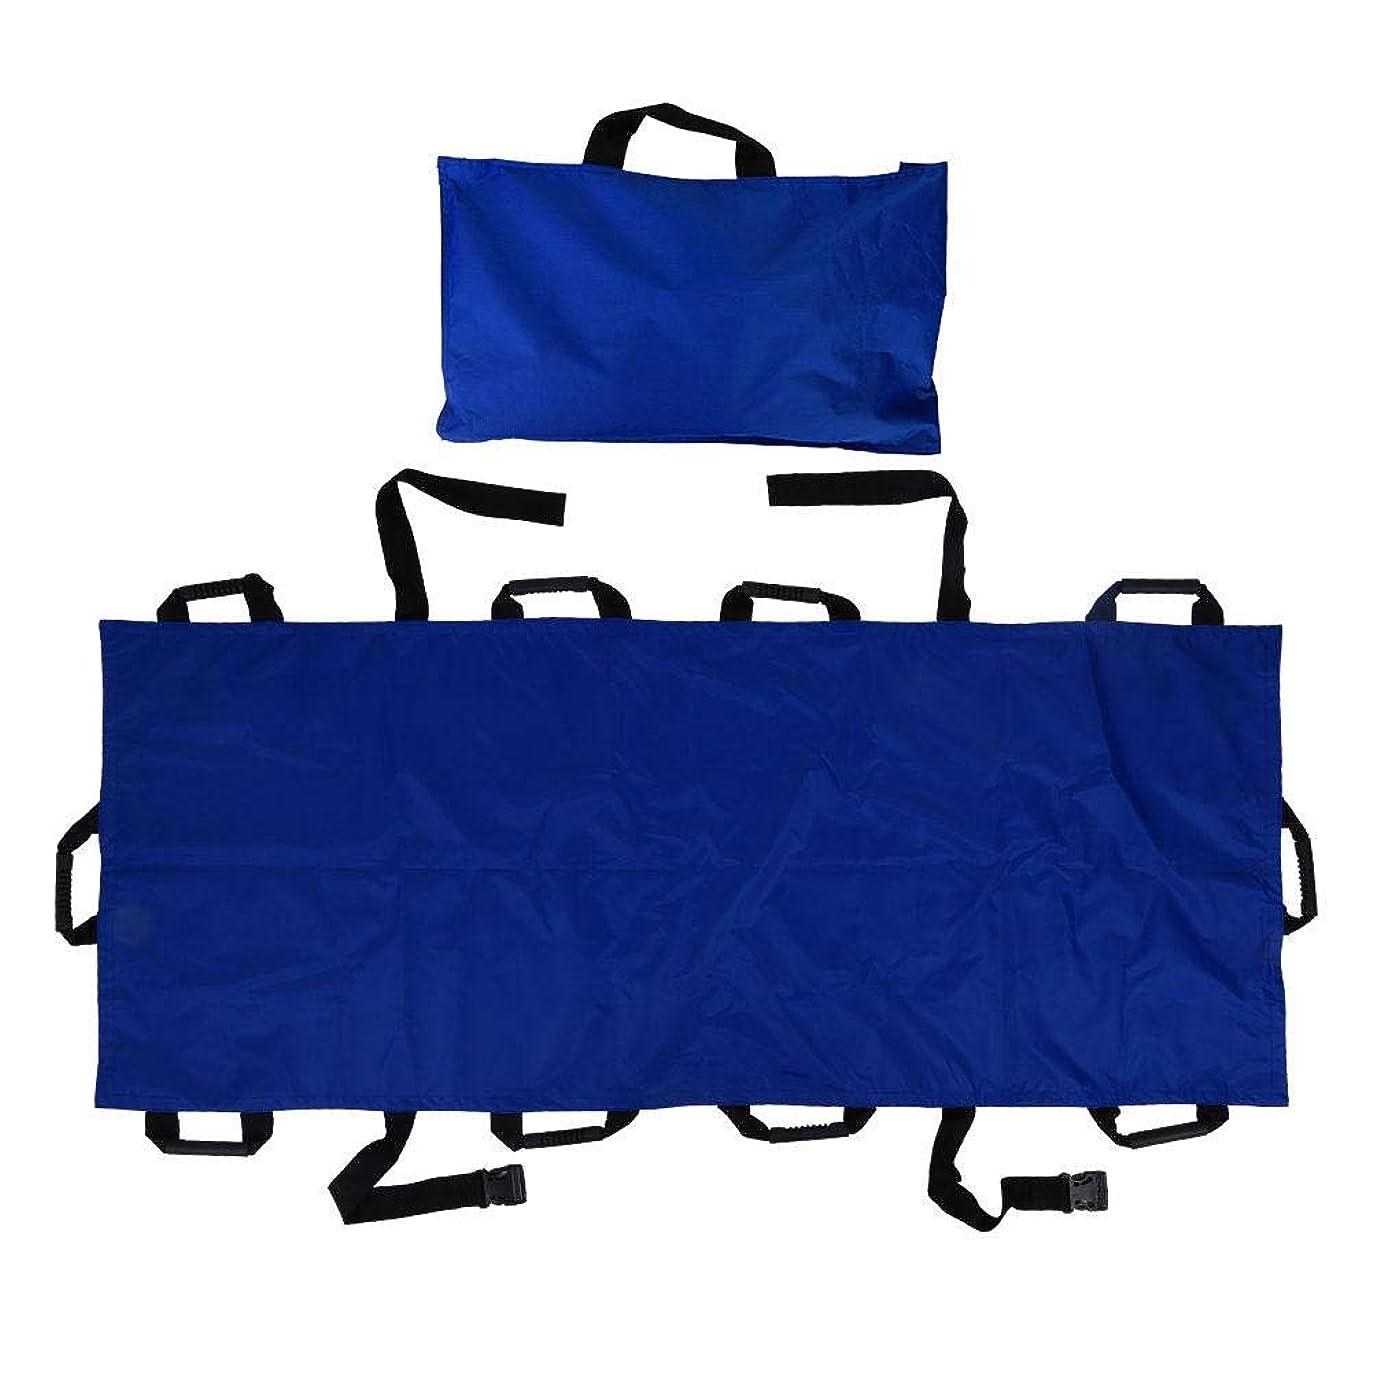 カレッジボルト心配ポータブル輸送ストレッチャー、10ハンドル付きオックスフォード布折りたたみソフトストレッチャー, ポータブル10ハンドルオックスフォード布家庭用ストレッチャー折りたたみ式患者輸送ソフトストレッチャー